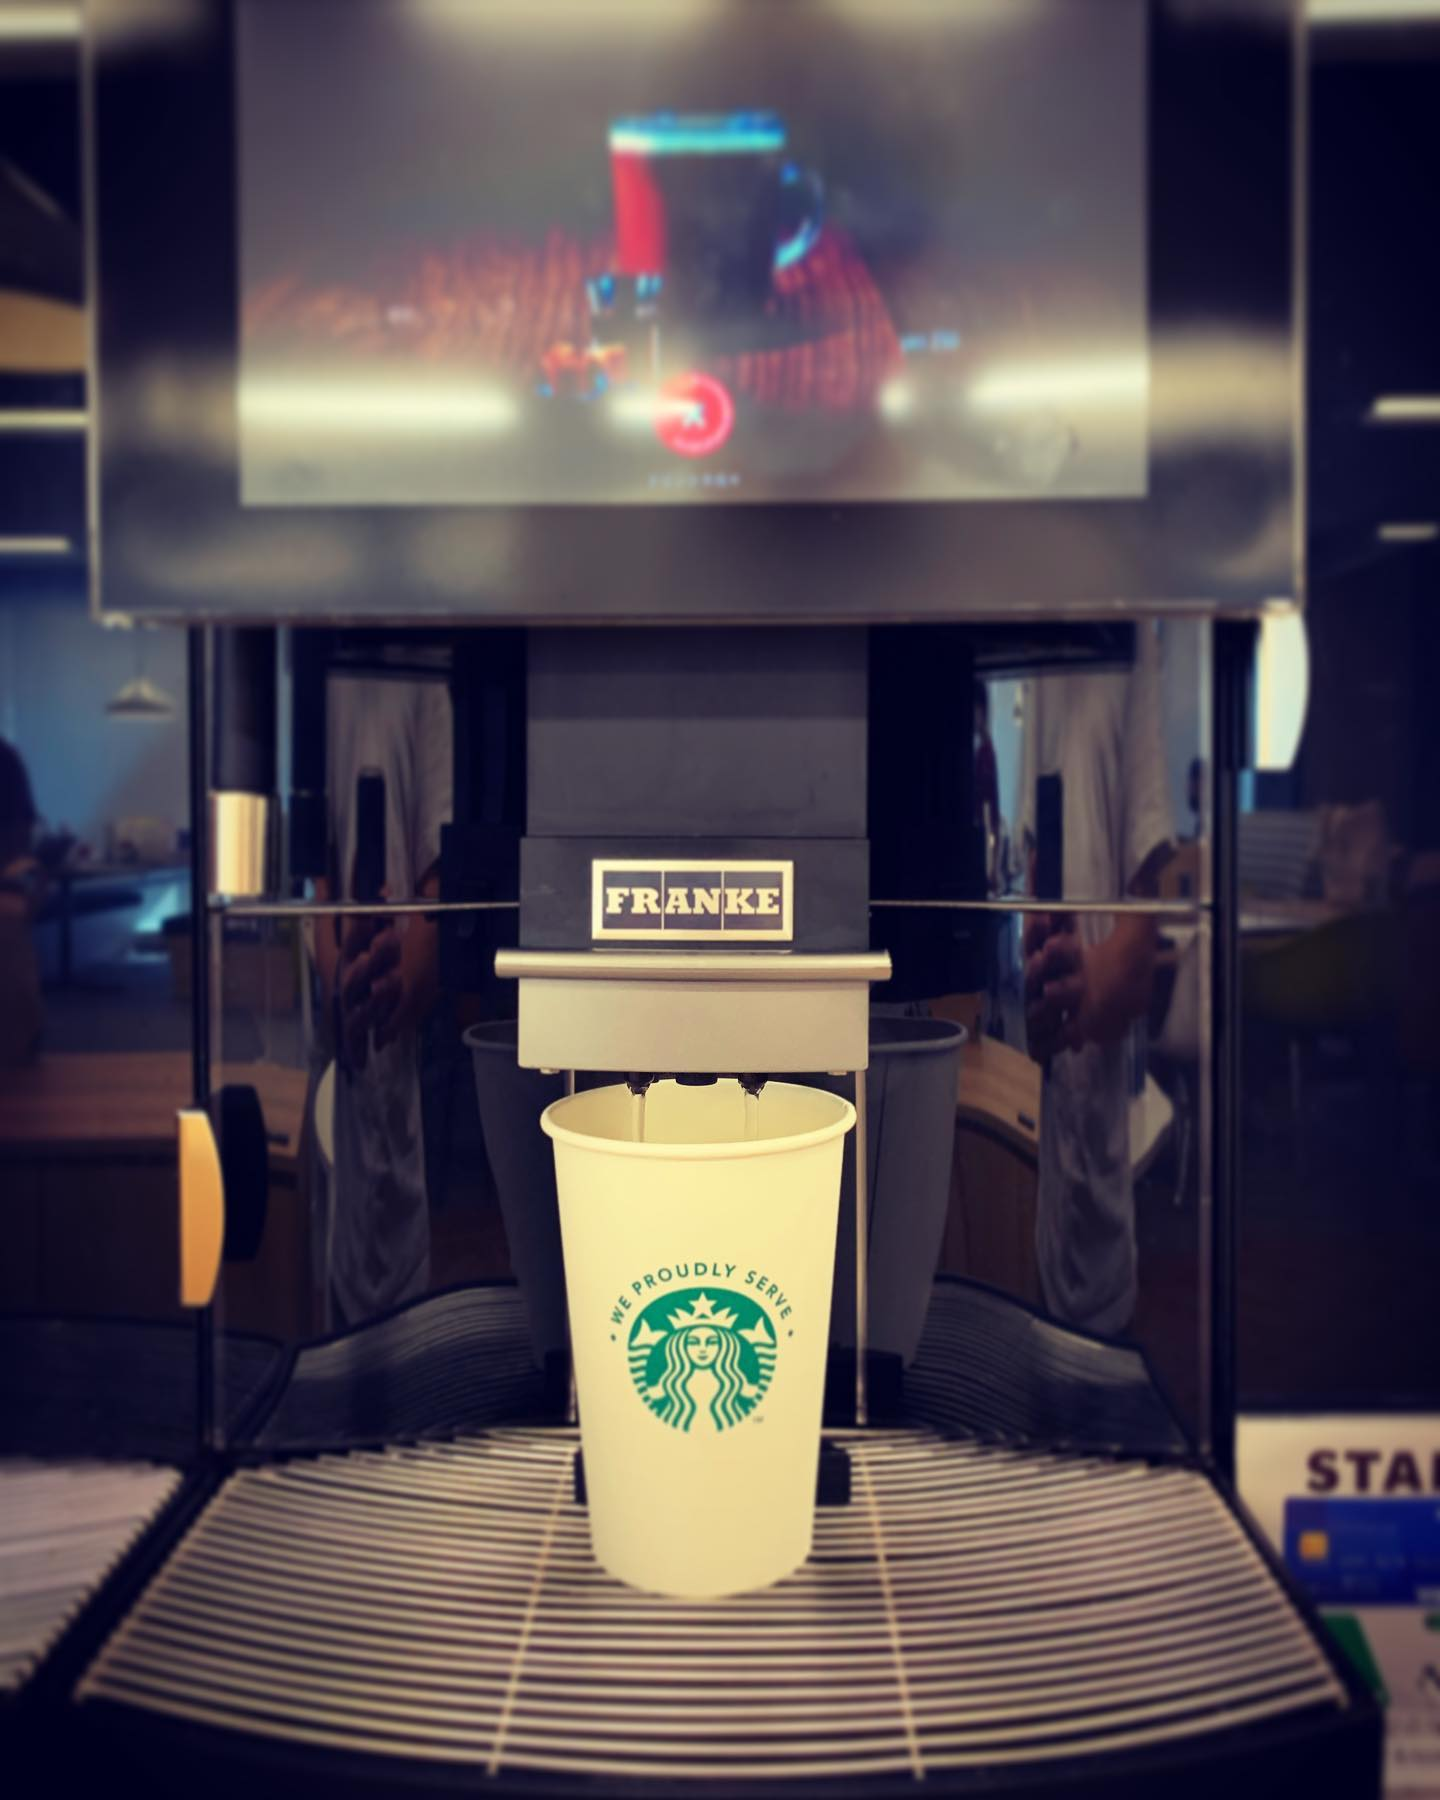 初めて見た…!スタバの自販機.#starbucks #coffee #coffeetime #スターバックス